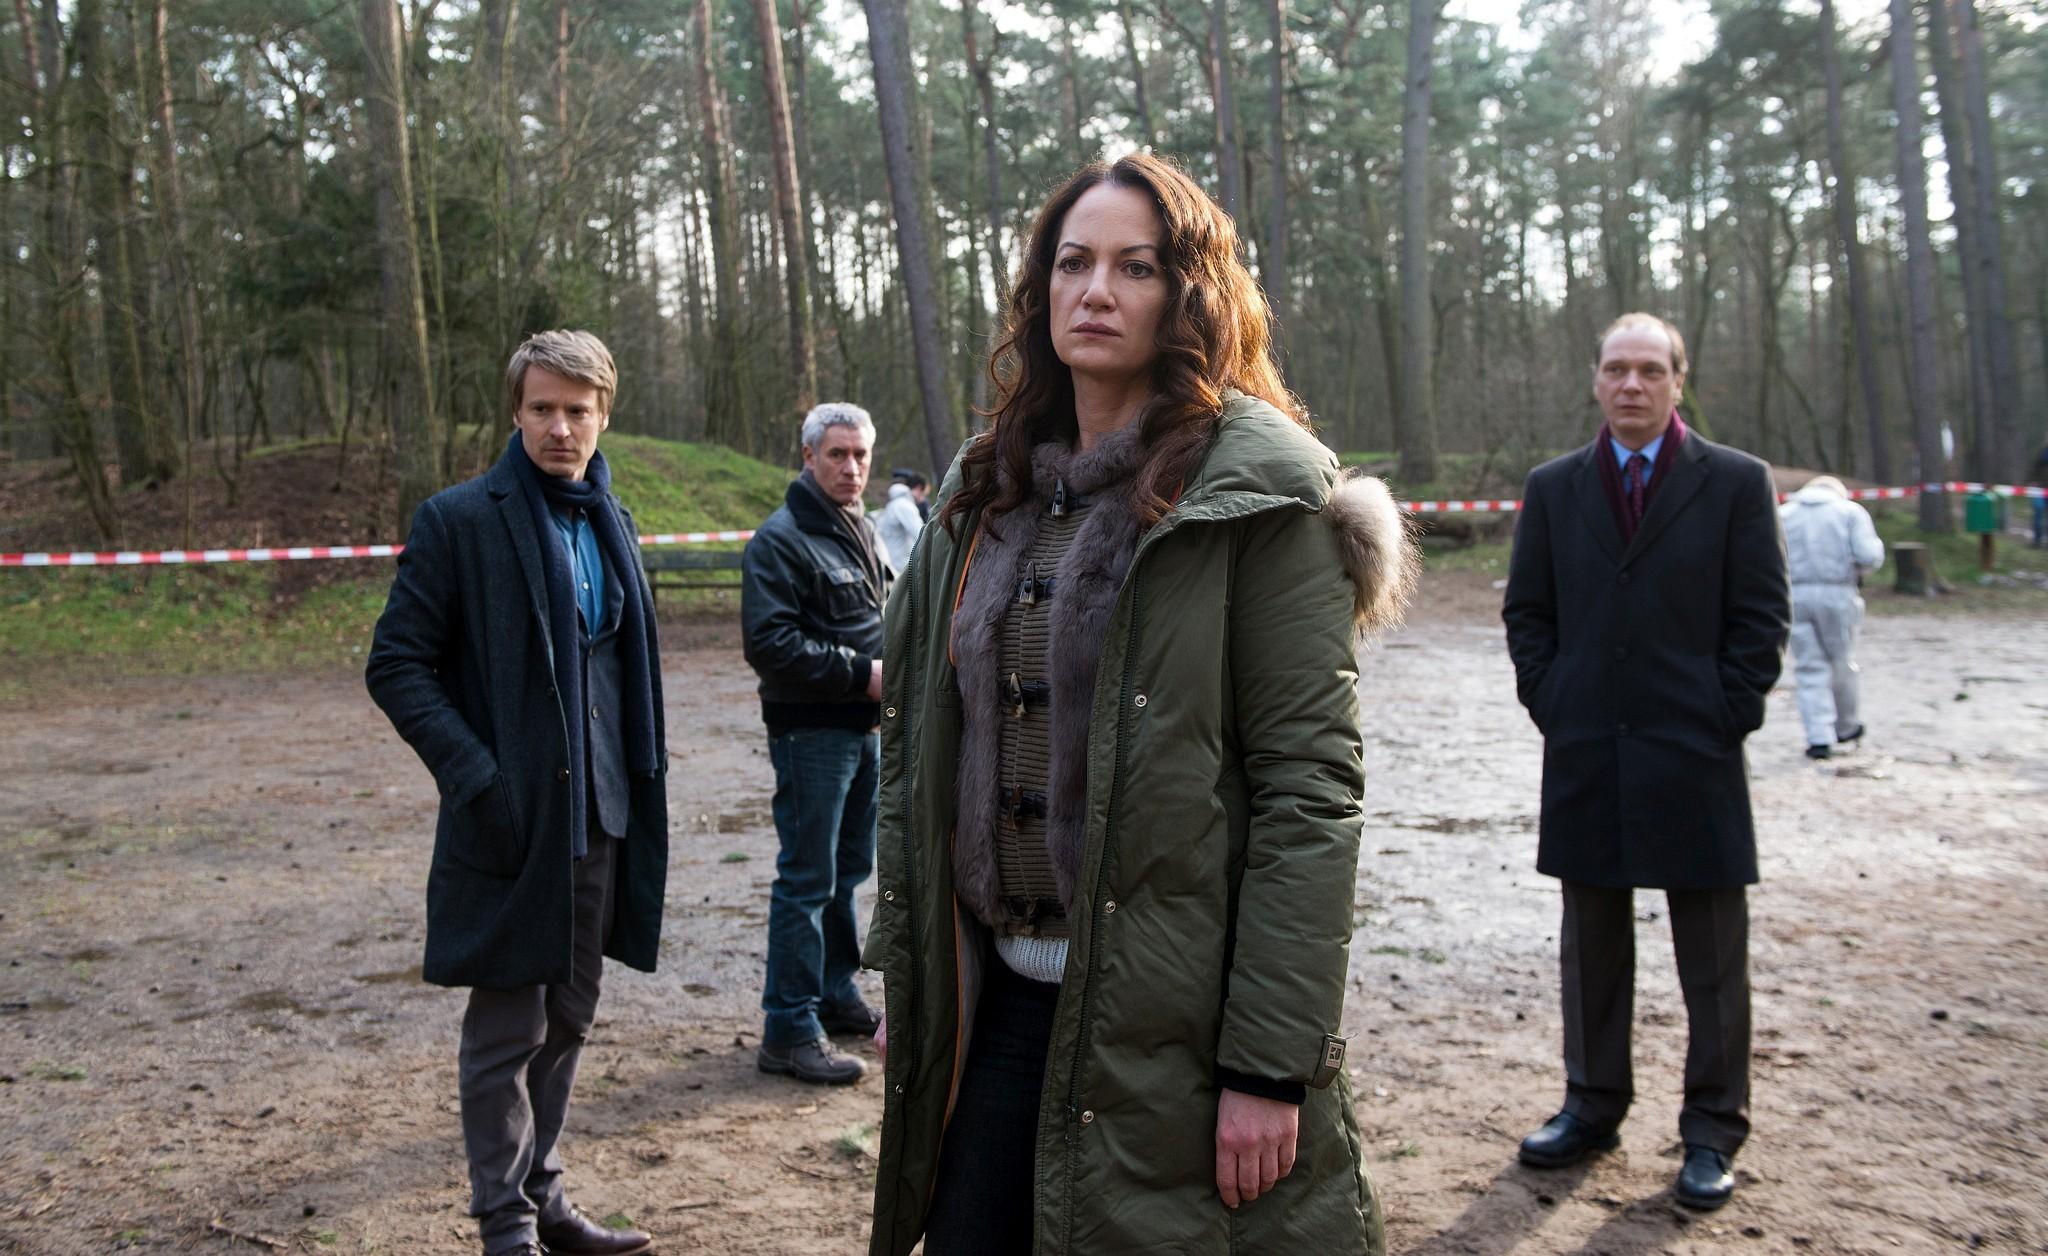 Bild 39 Jana und Hamm kommen am Fundort an - Jana (Natalia Wörner), Hamm (Ralph Herforth), Jessen (Max von Pufendorf), Brauner (Martin Brambach)